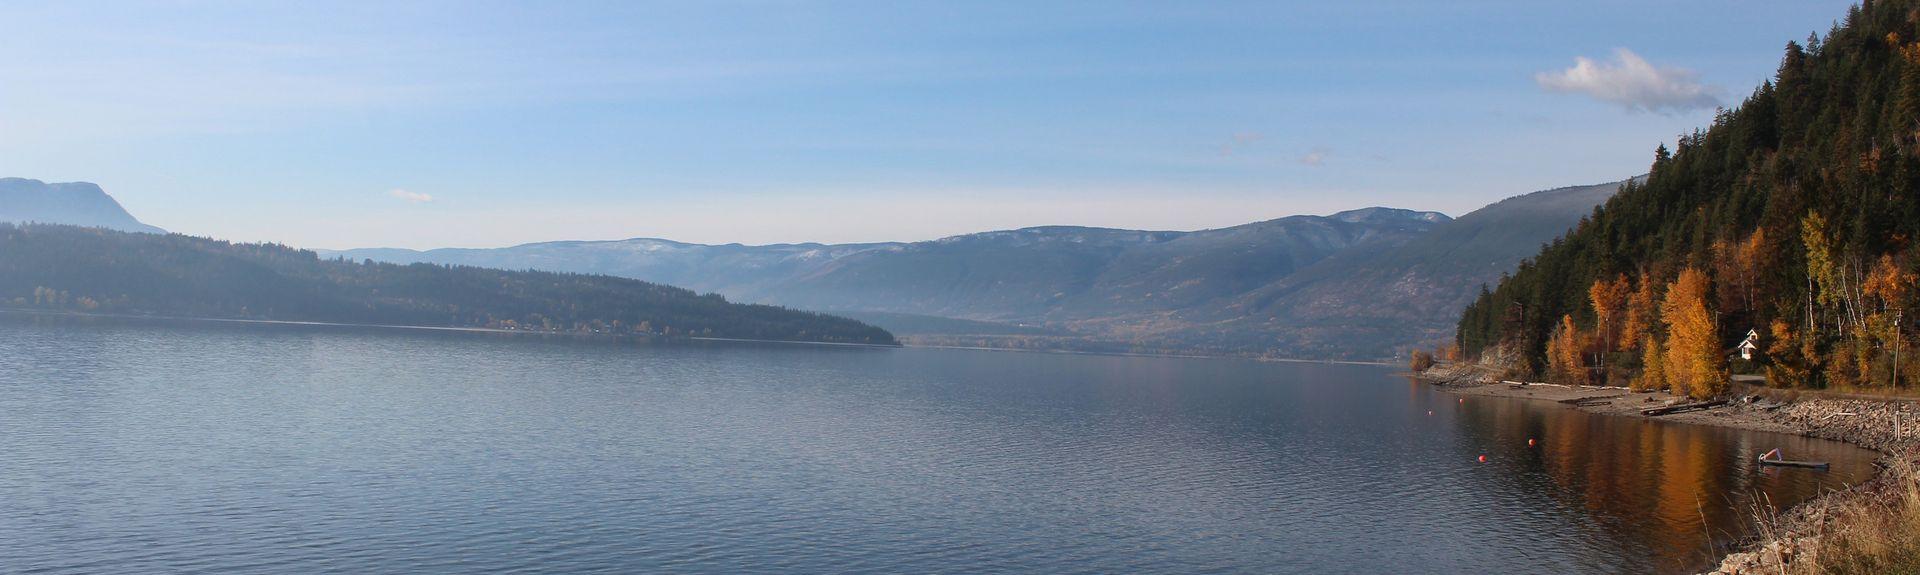 Tappen, British Columbia, CA